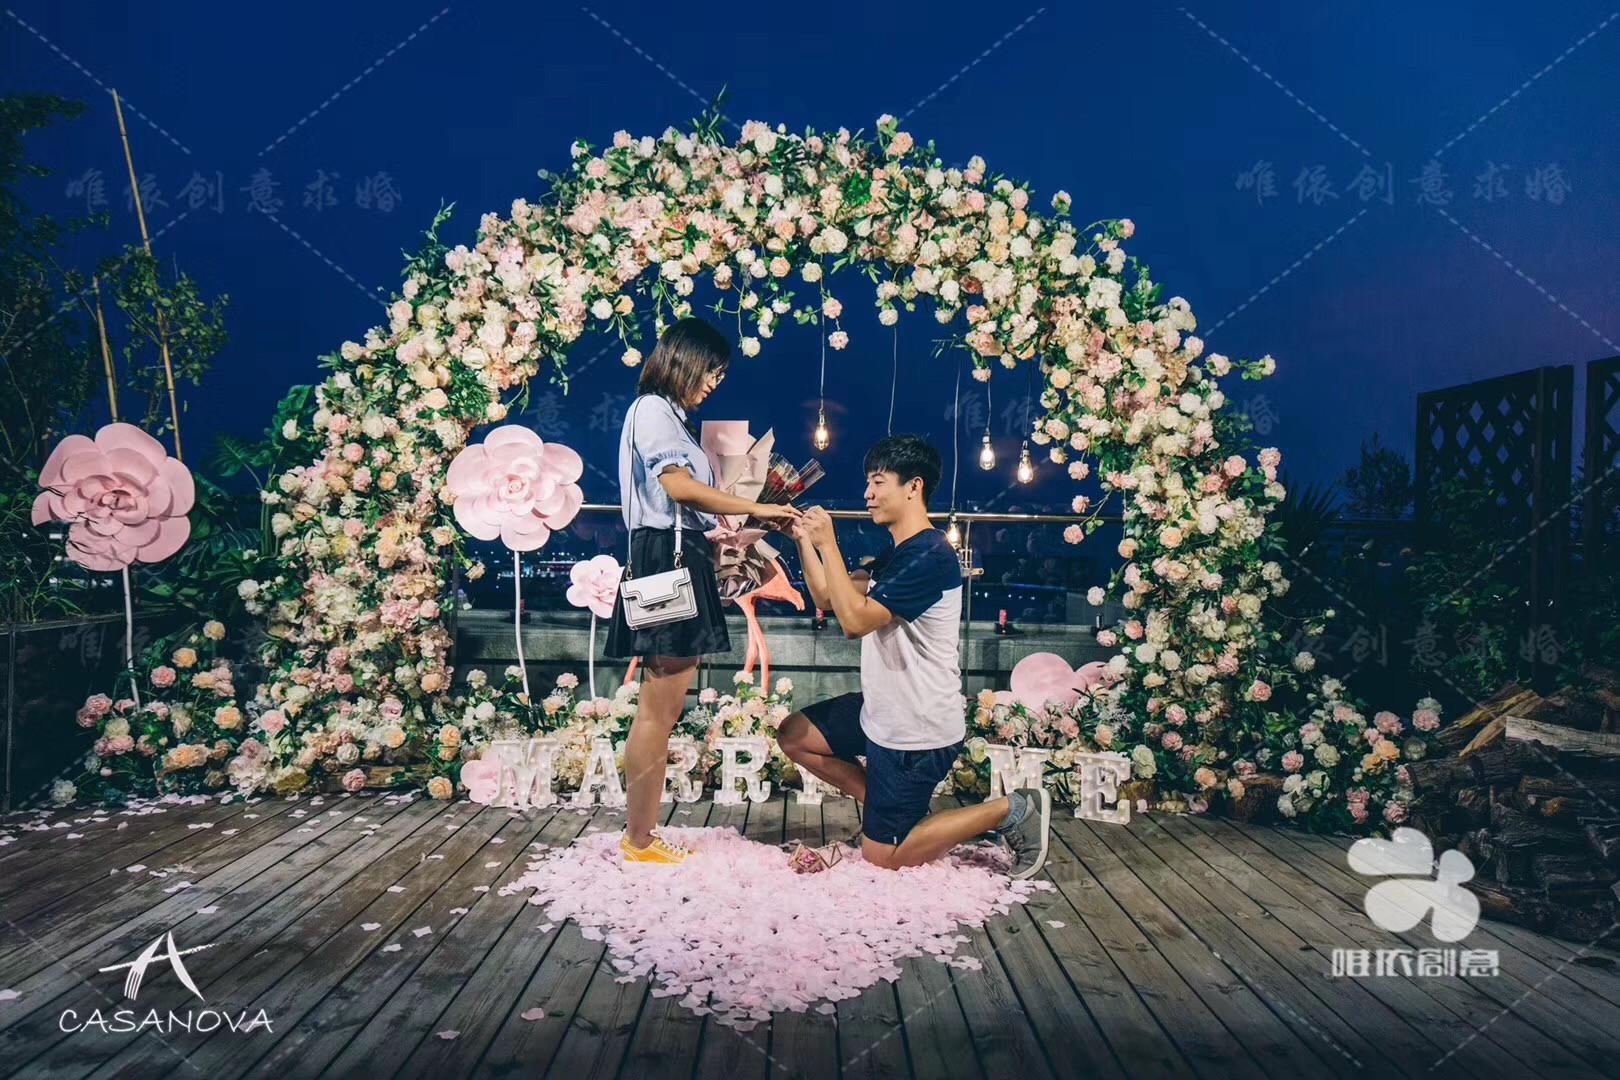 在西餐厅求婚一定要知道这三点,助你求婚成功!图片